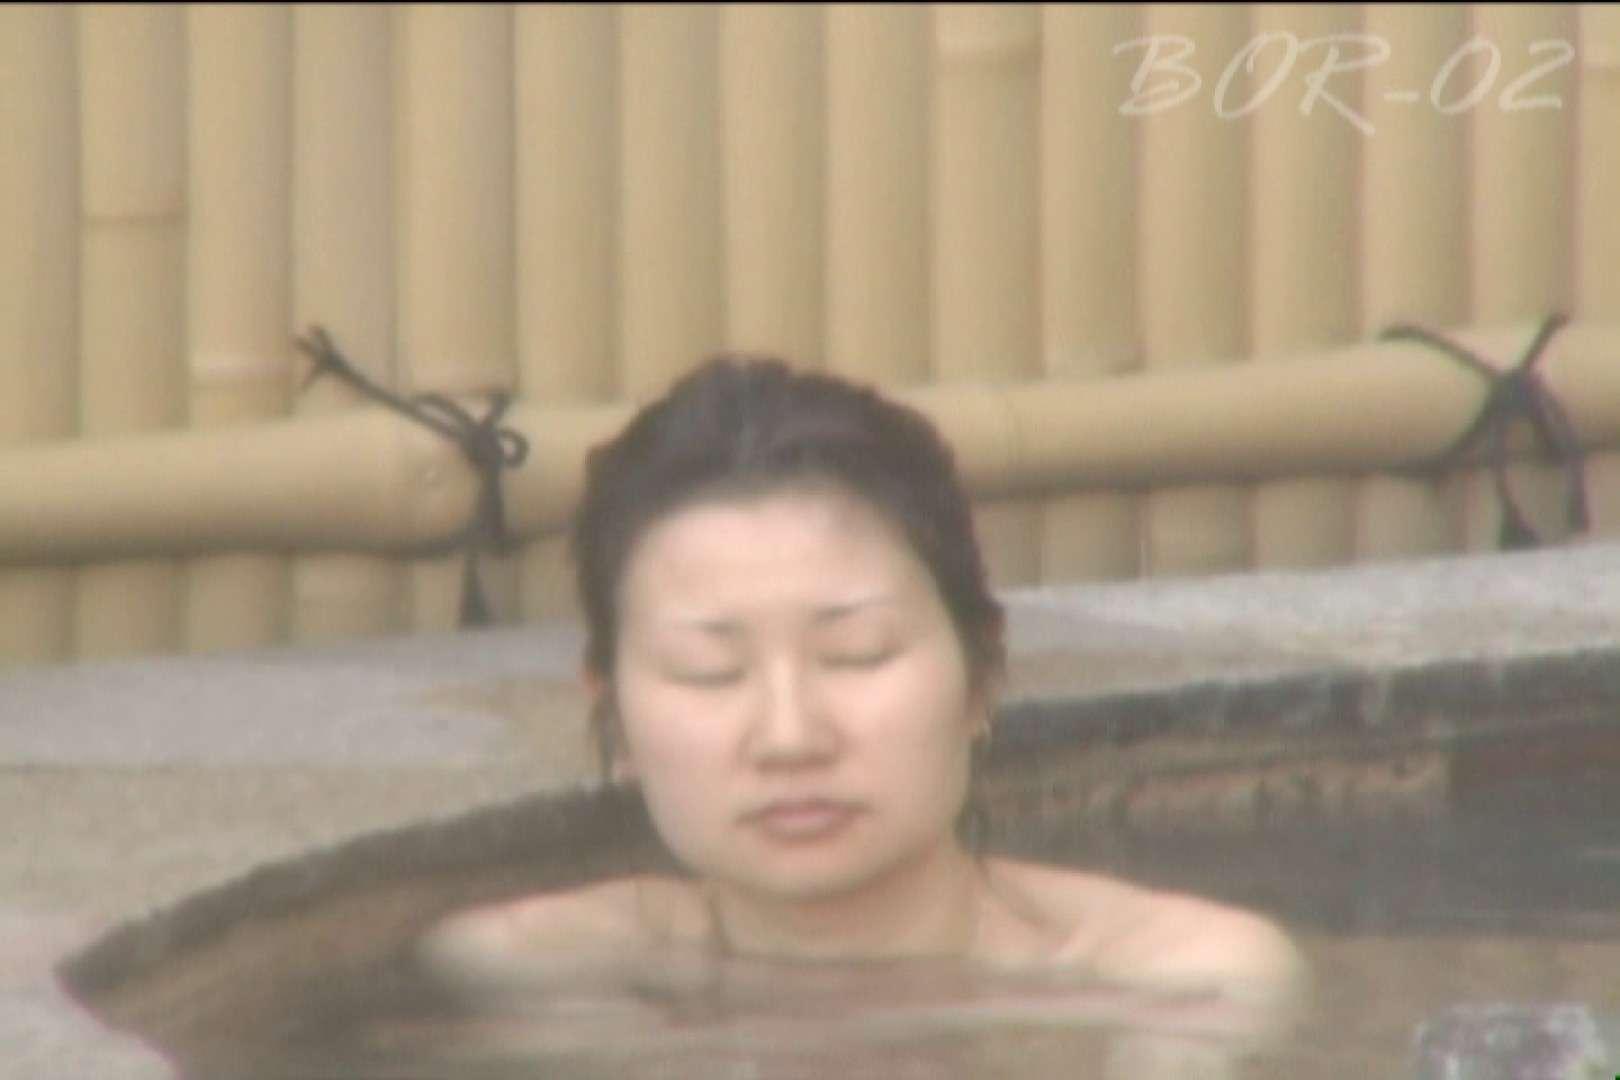 Aquaな露天風呂Vol.477 露天 | 盗撮  86画像 1